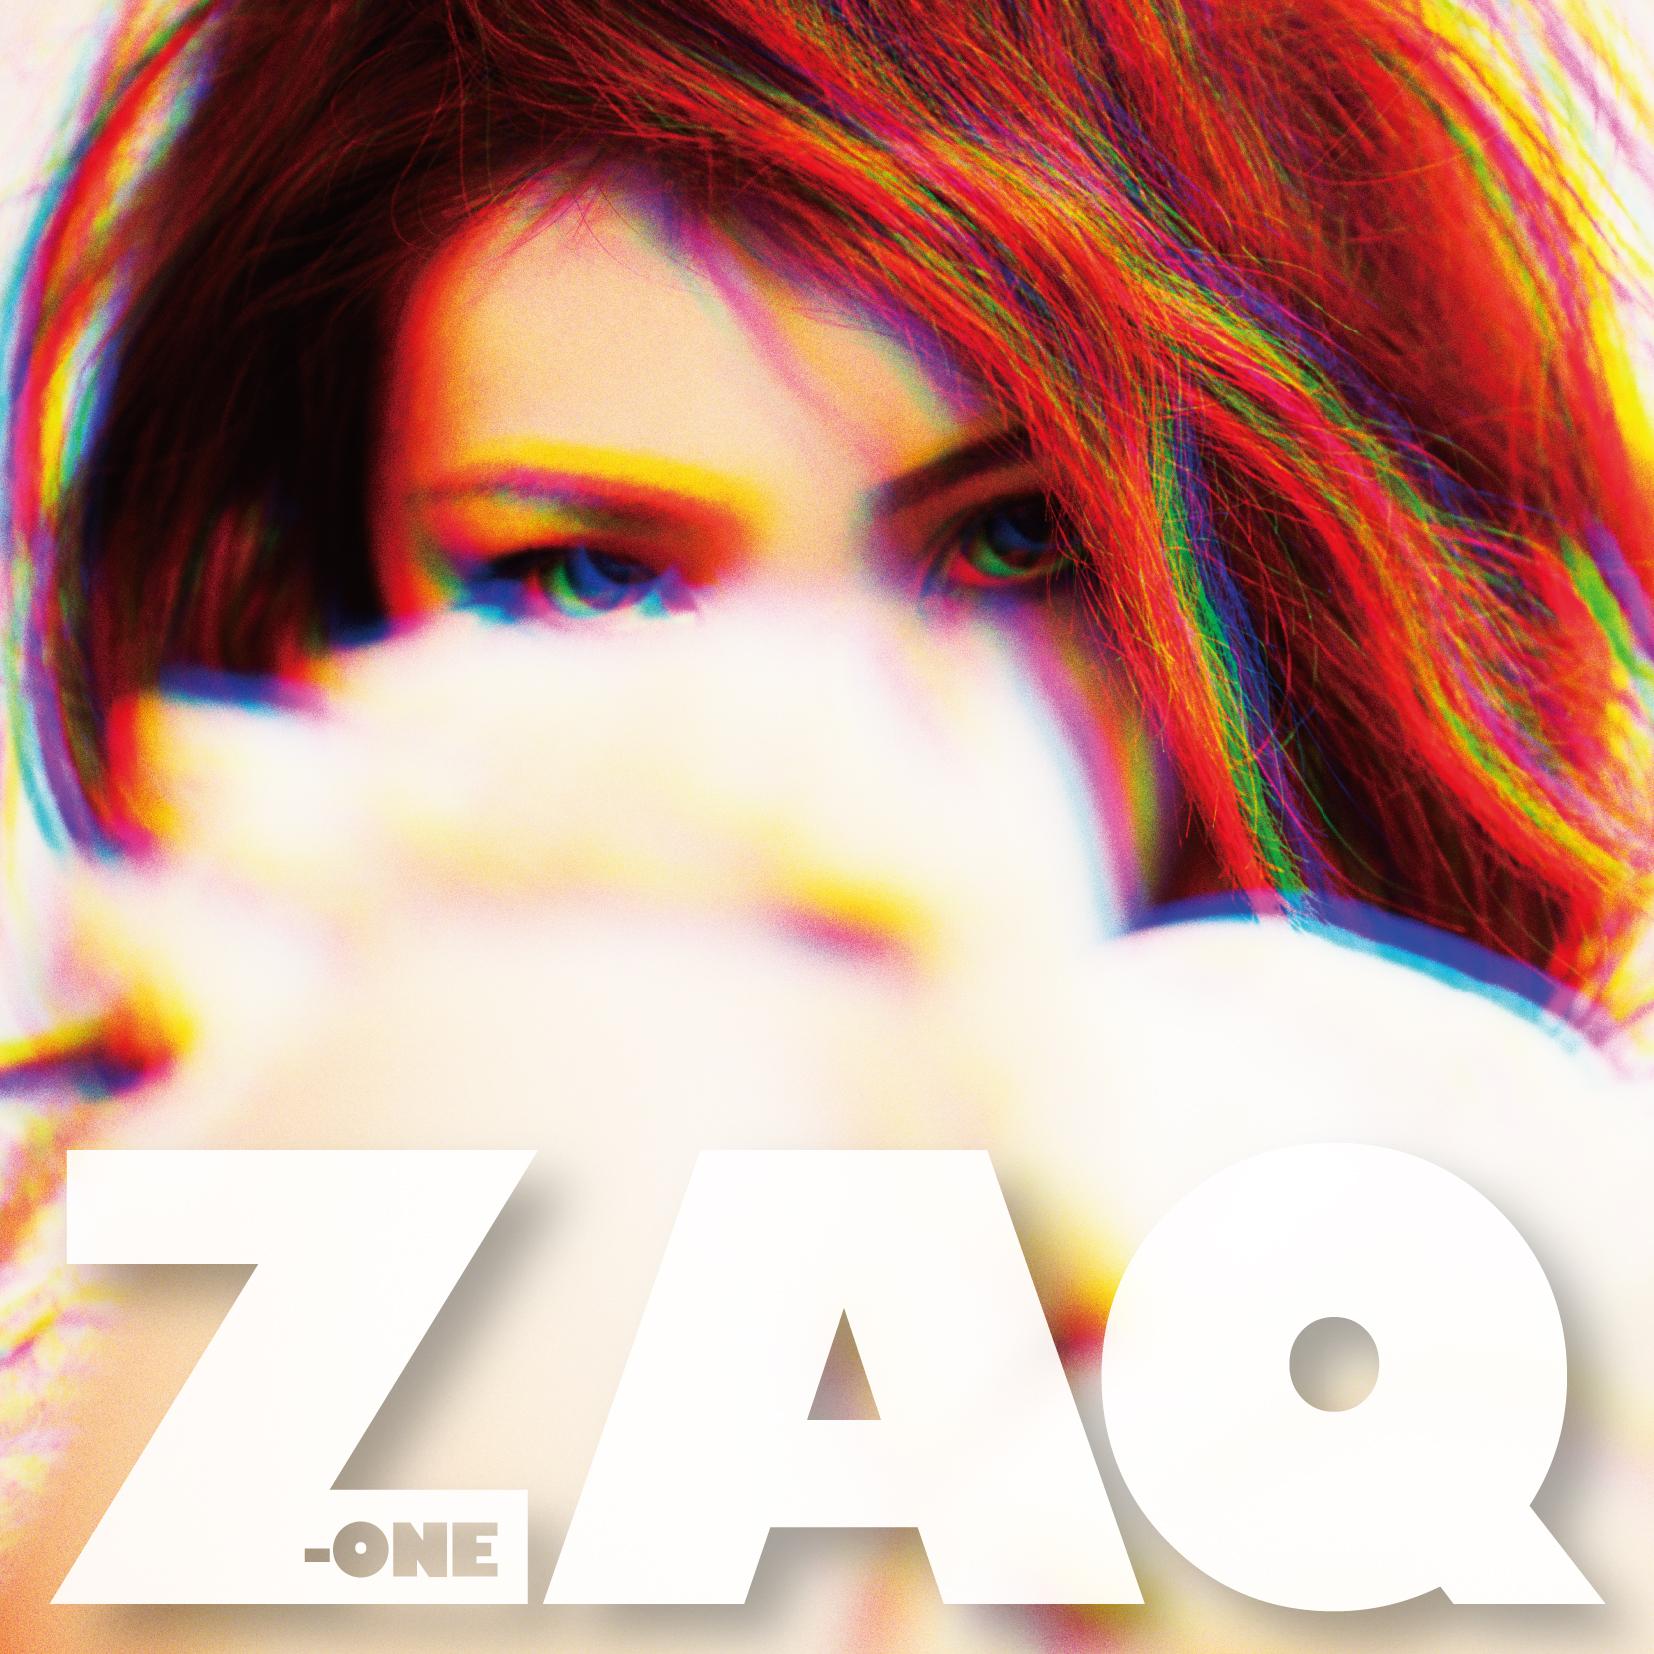 ZAQ-4